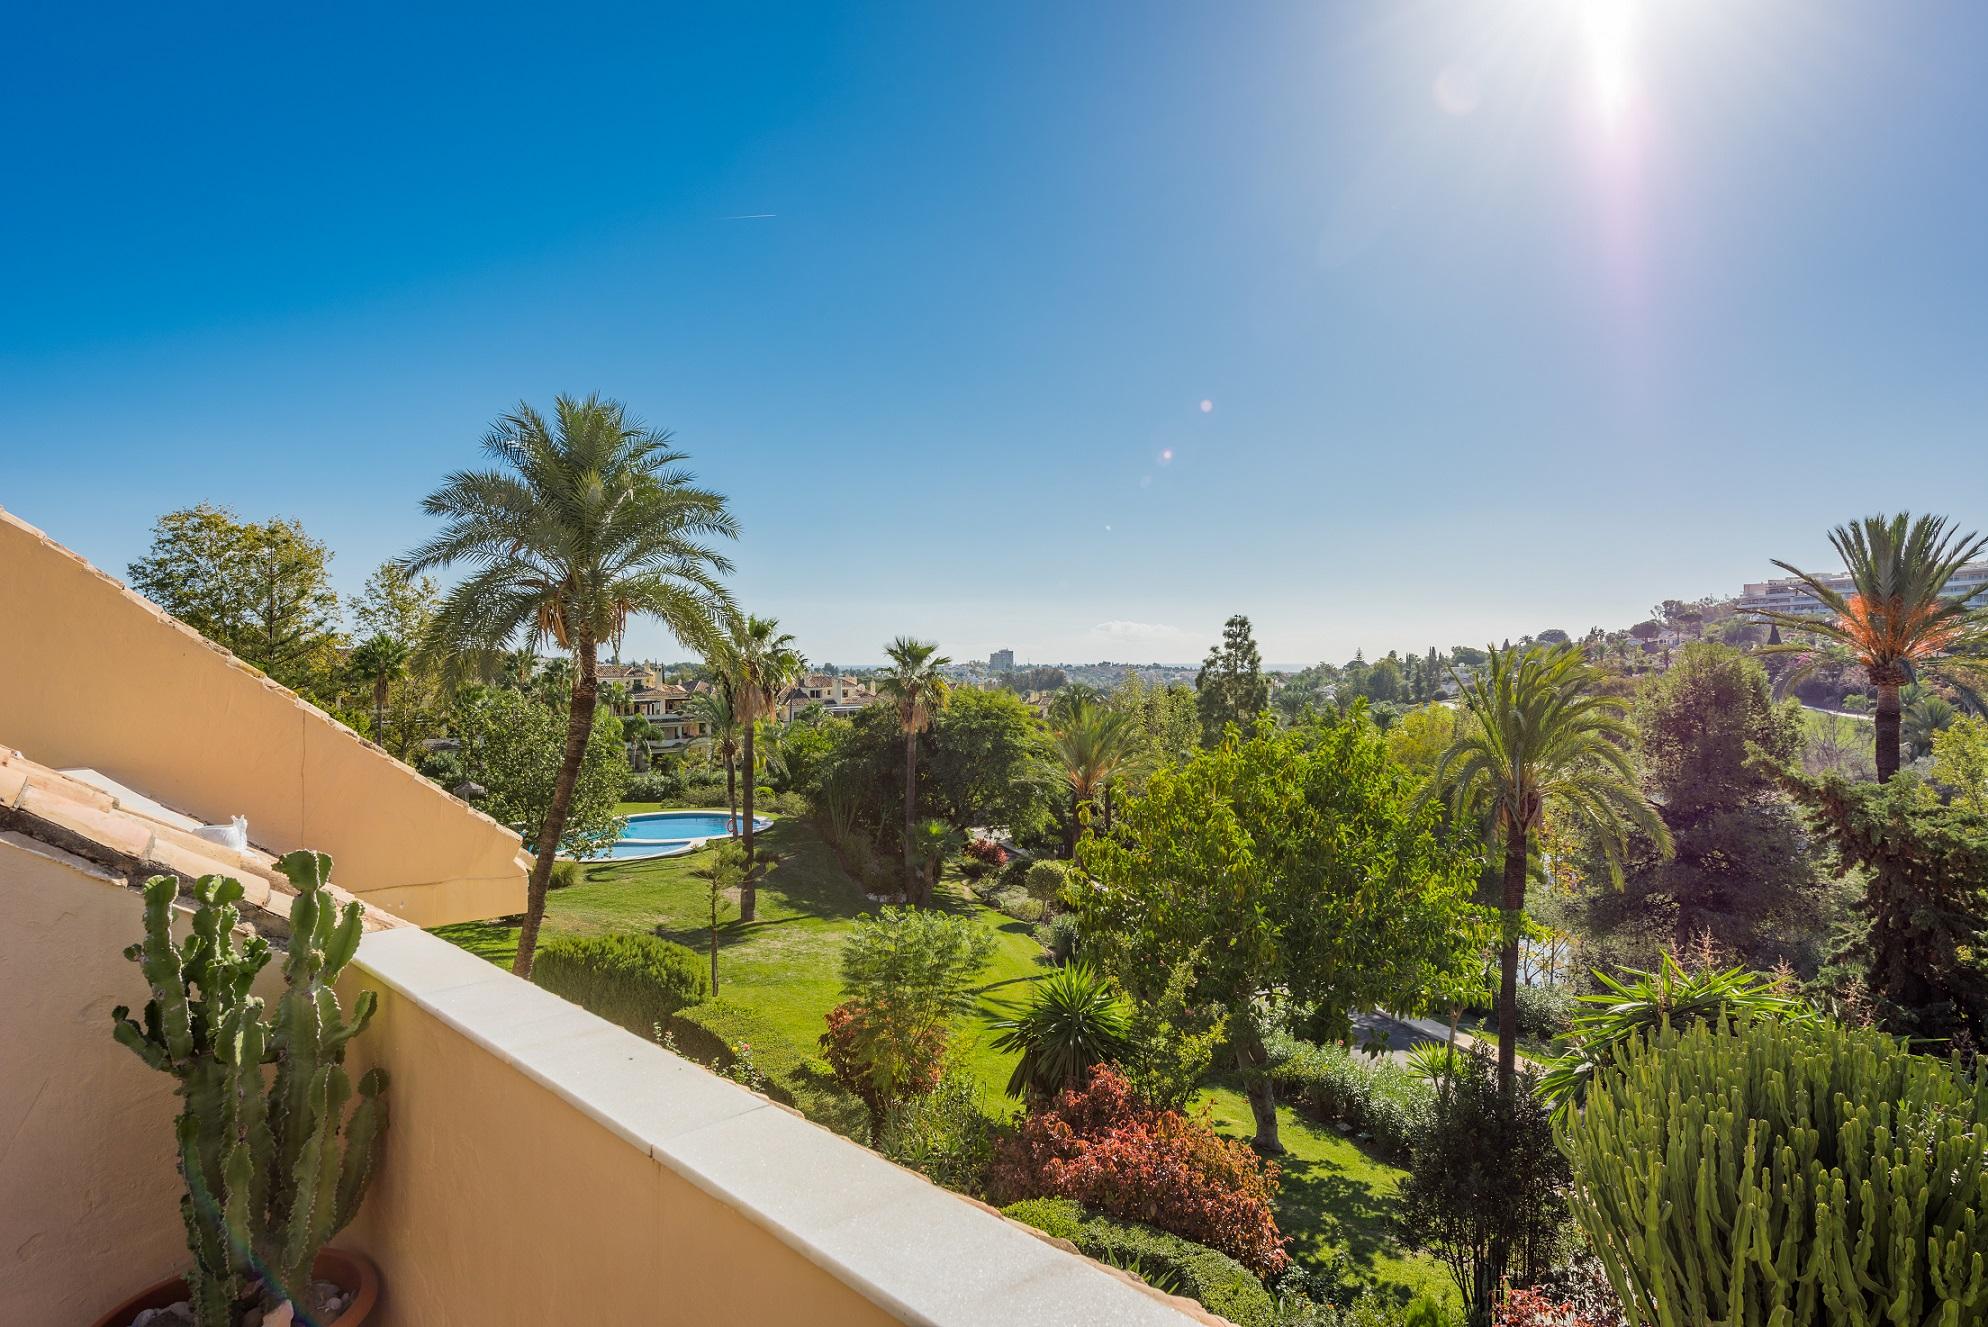 Penthouse Las Brisas Country Club, Marbella